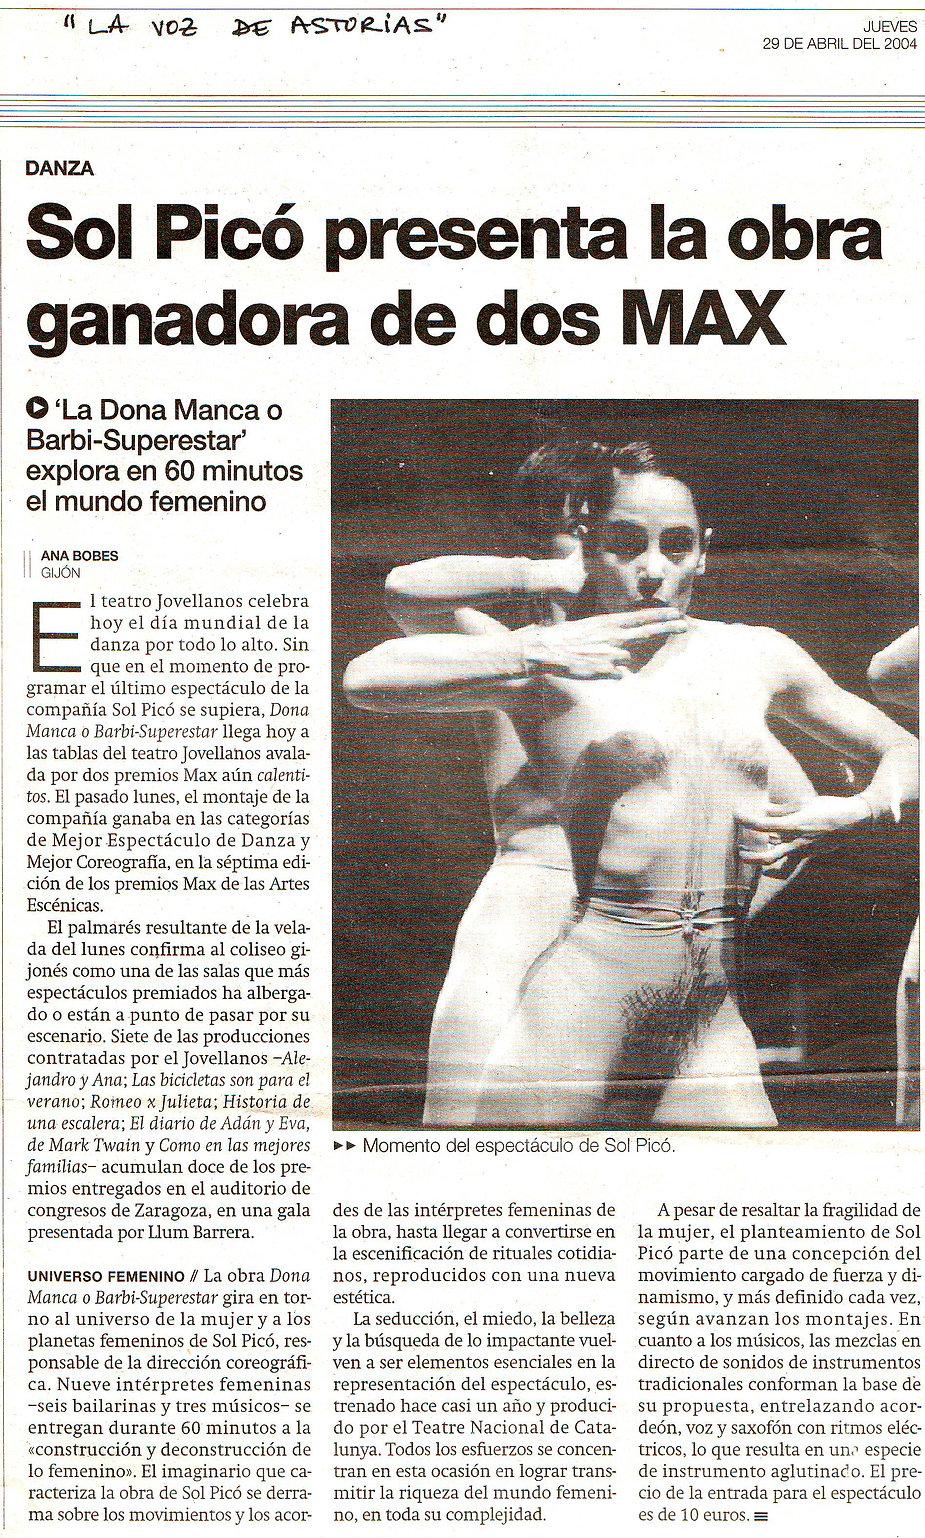 La_Voz_de_Asturias_29-04-2004.JPG